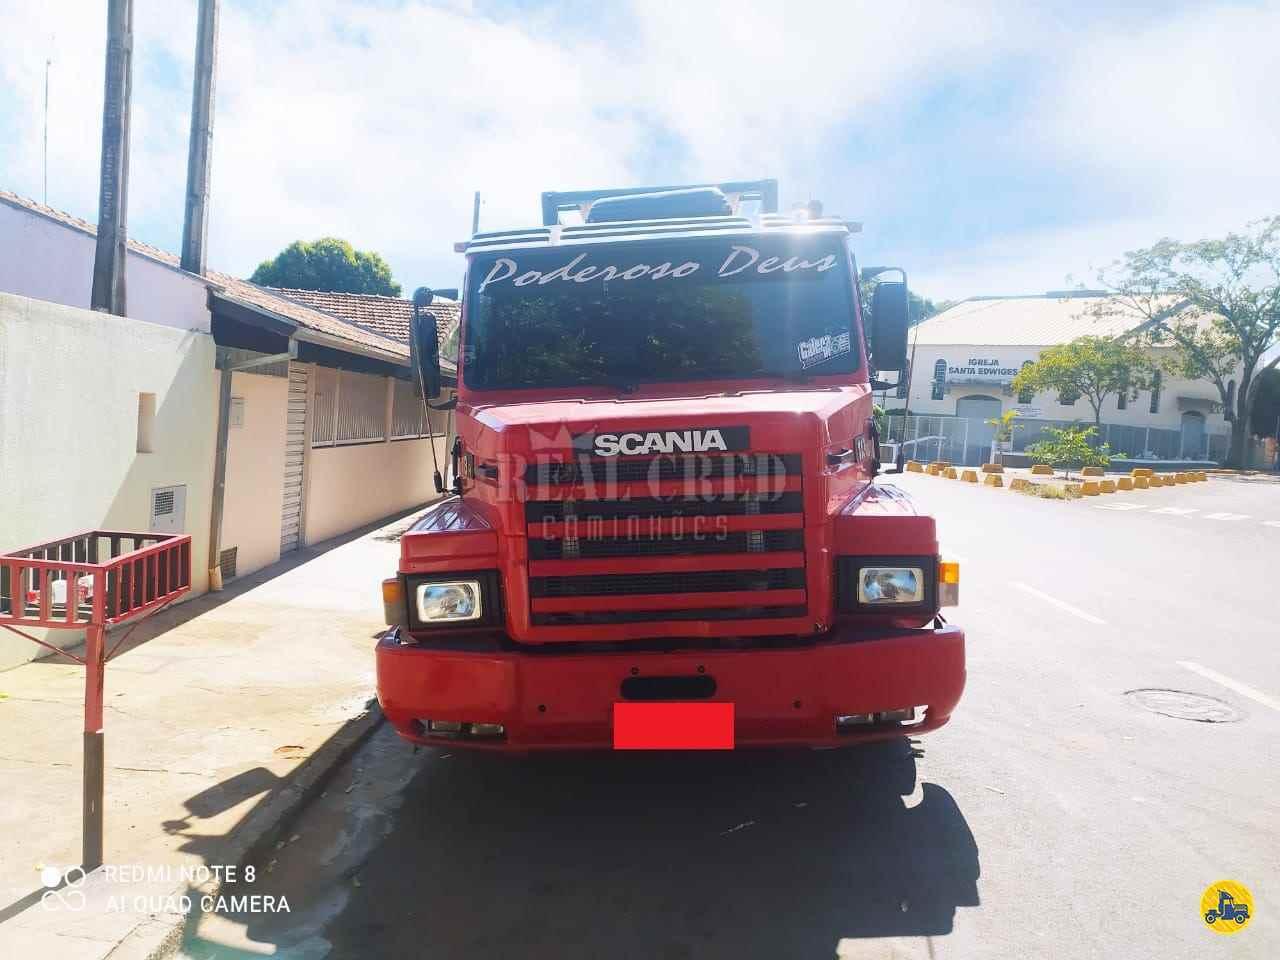 CAMINHAO SCANIA SCANIA 113 320 Cavalo Mecânico Toco 4x2 Real Cred Caminhões PIEDADE SÃO PAULO SP